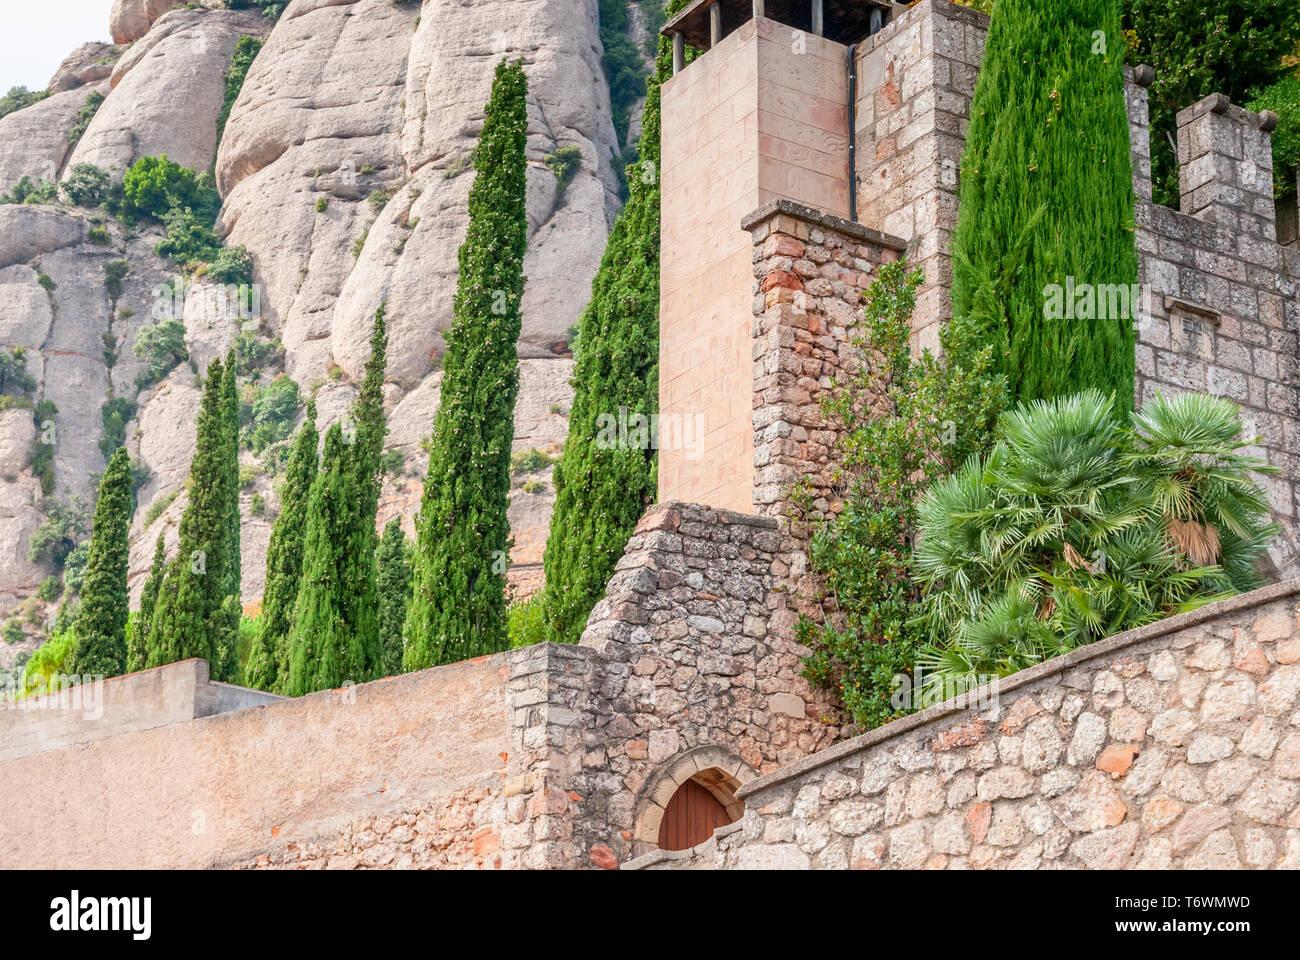 Santa Maria de Montserrat Abbey in Monistrol de Montserrat, Catalonia, Spain. Famous for the Virgin of Montserrat. Stock Photo